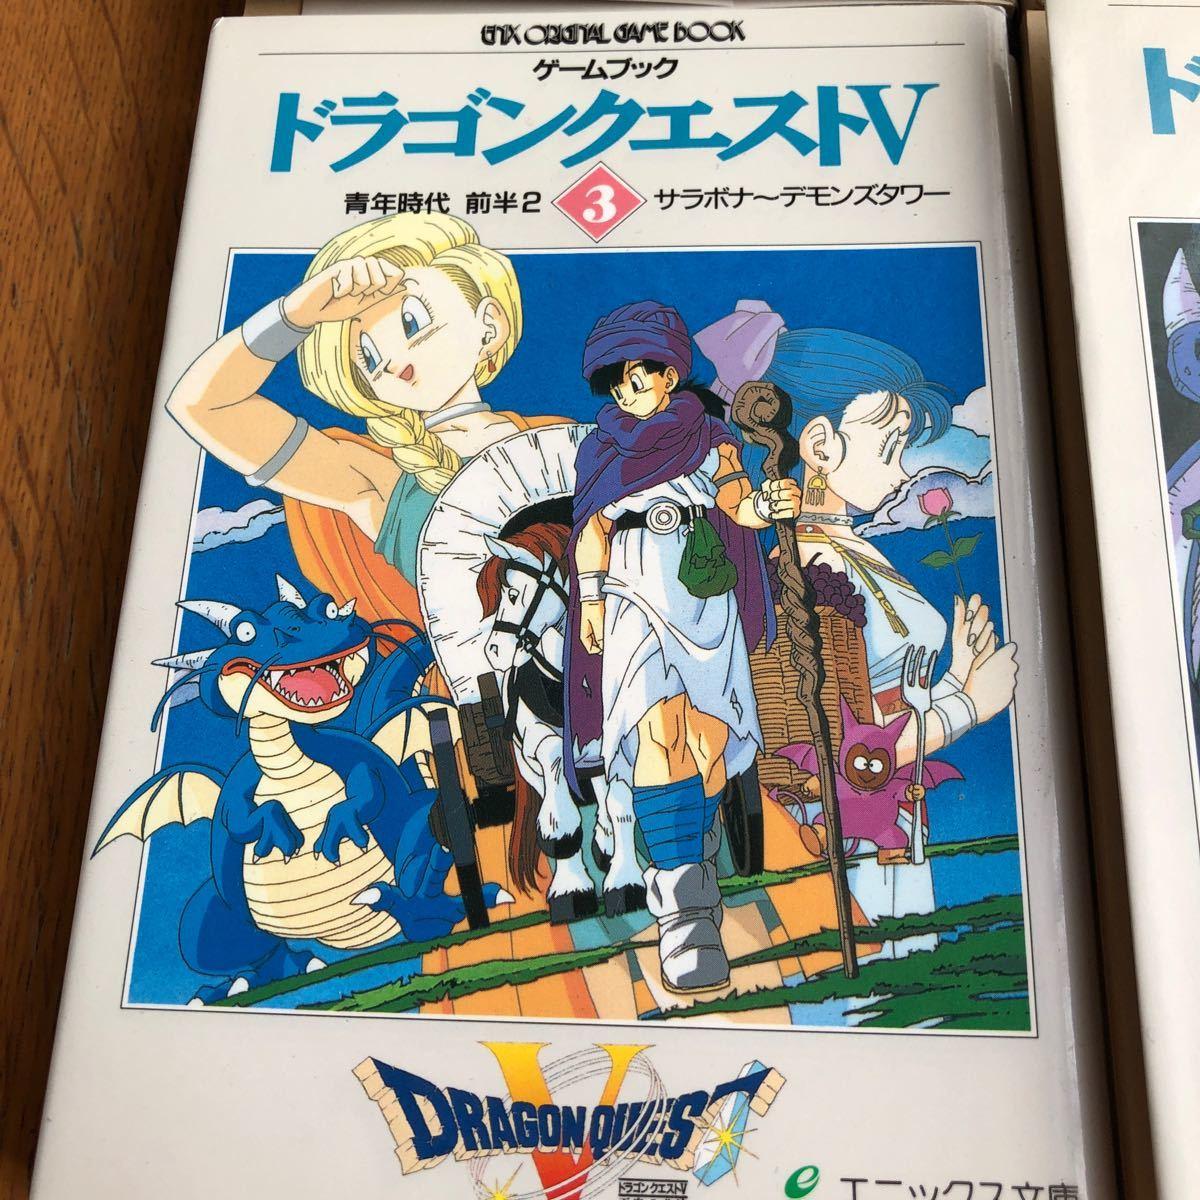 ドラゴンクエストV ゲームブック 4巻セット